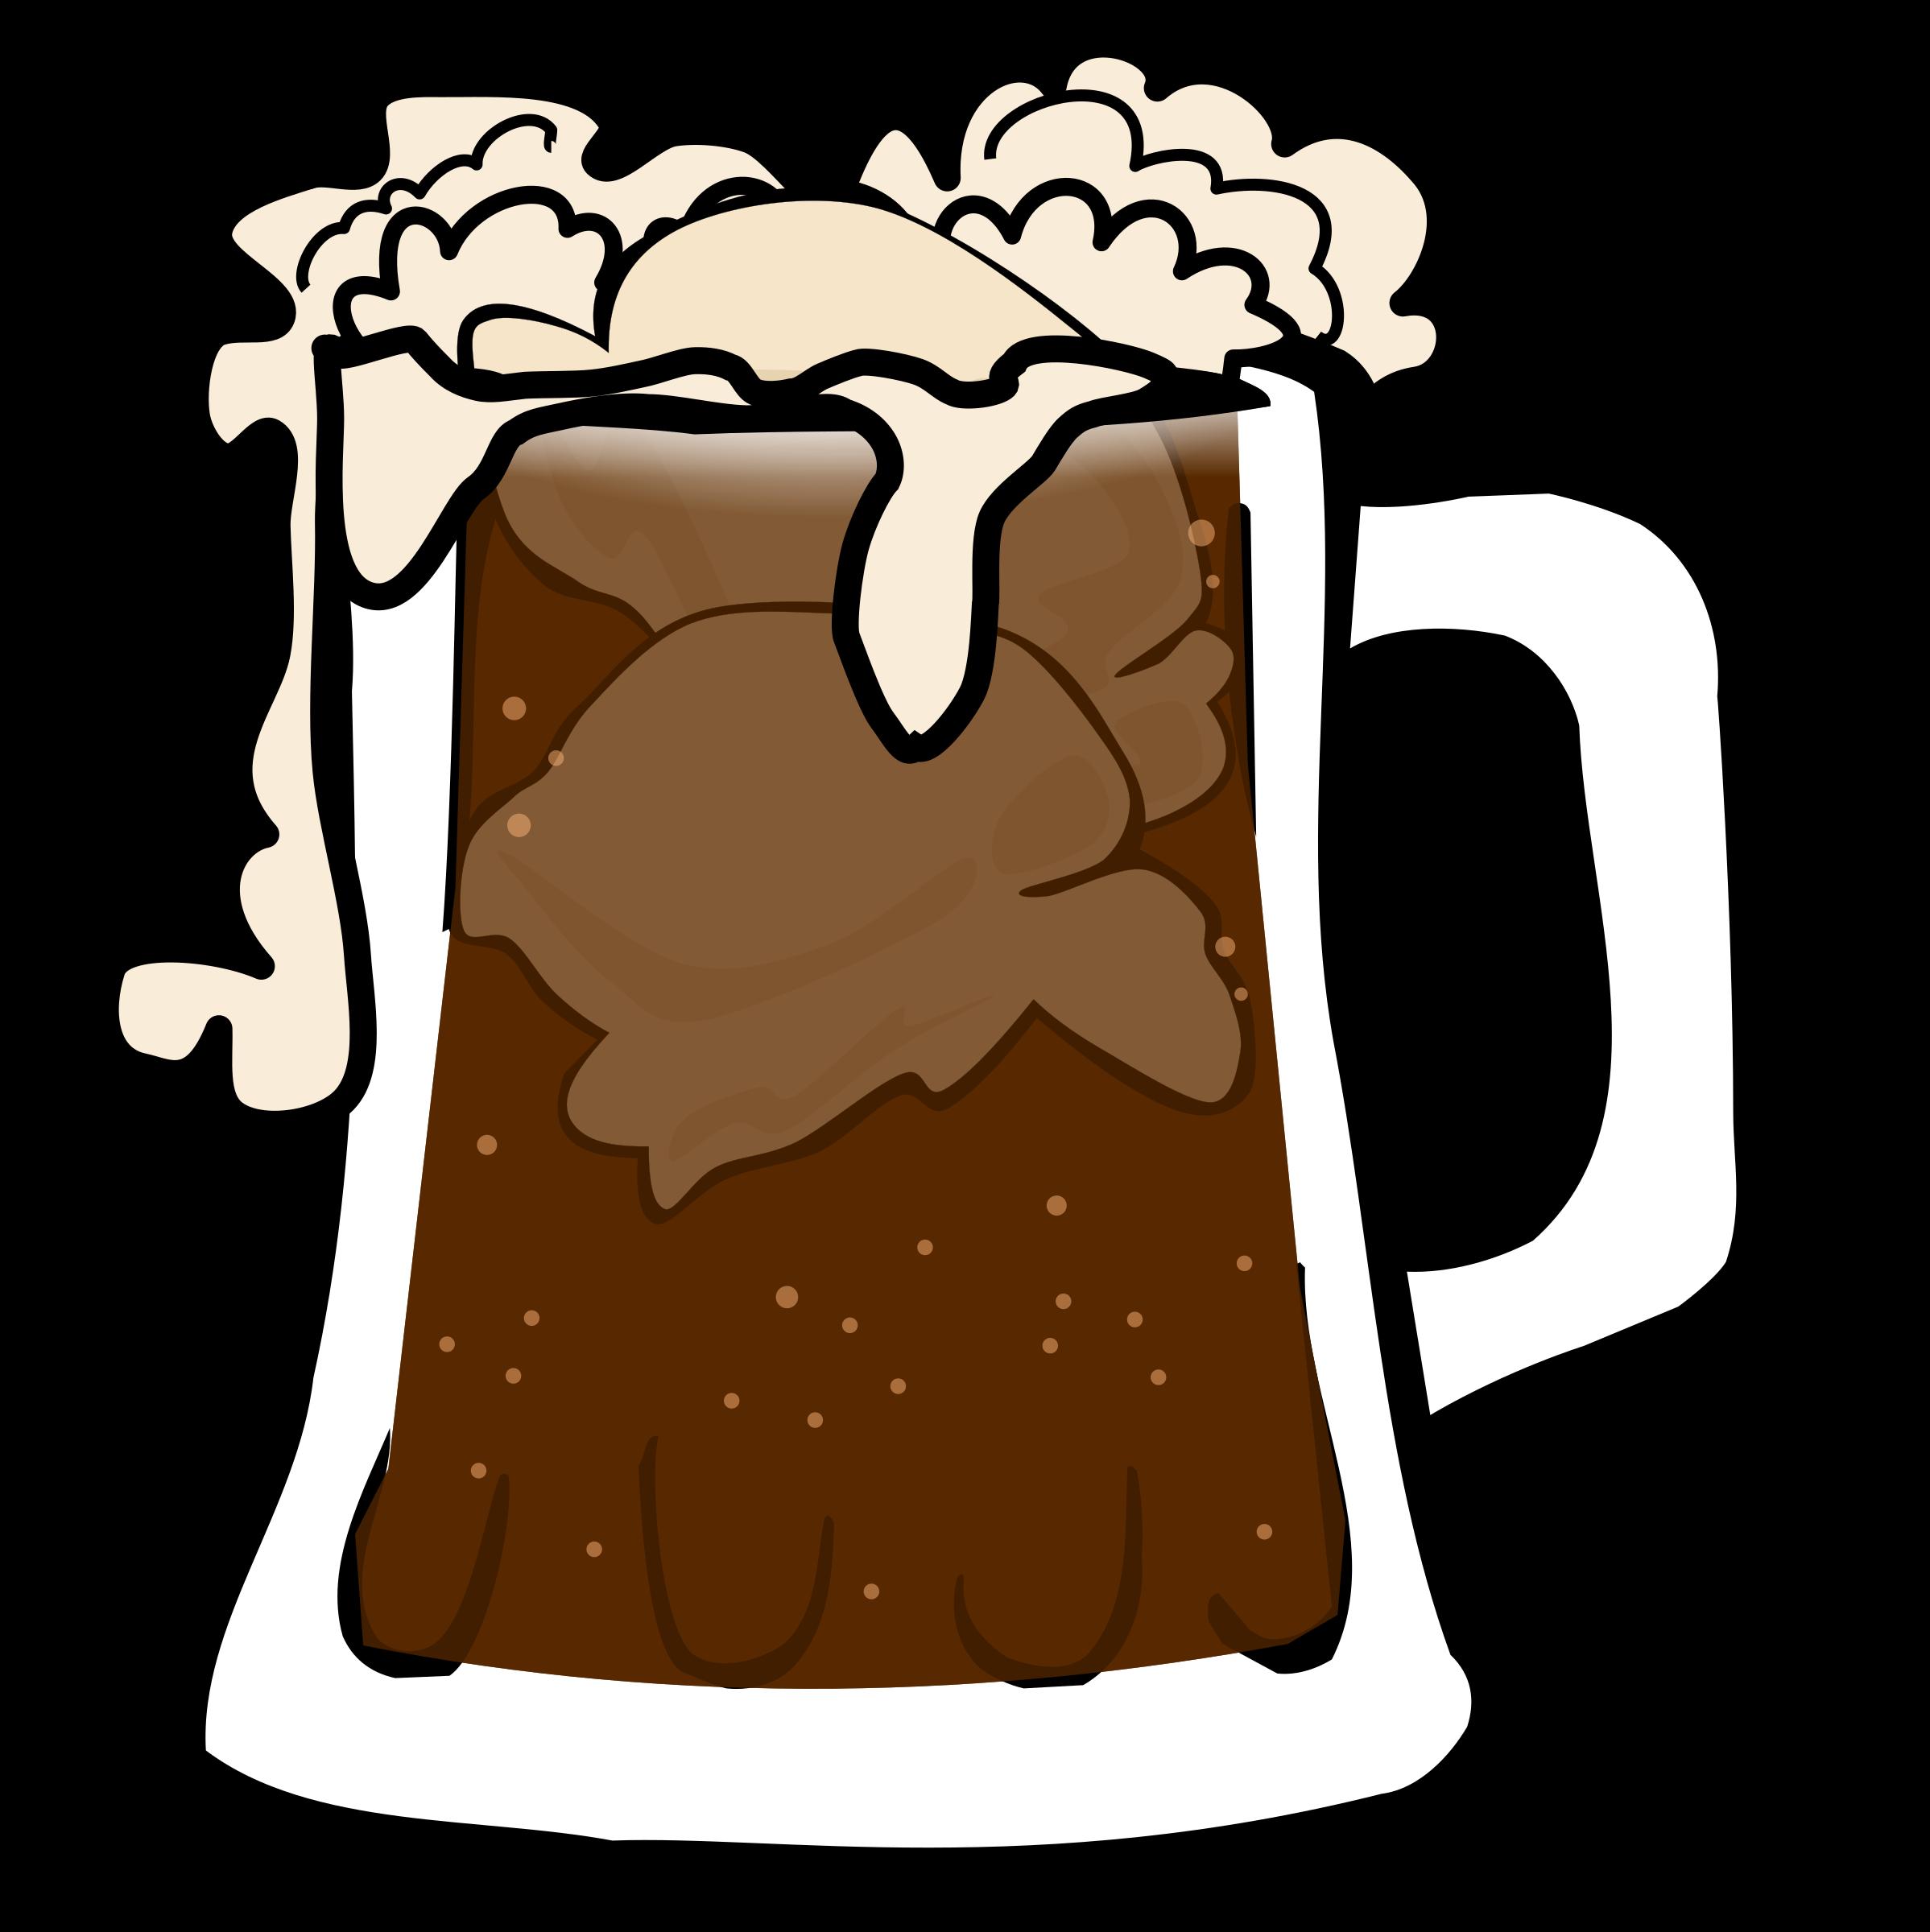 Root Beer clipart Beer Root Root Clipart Float